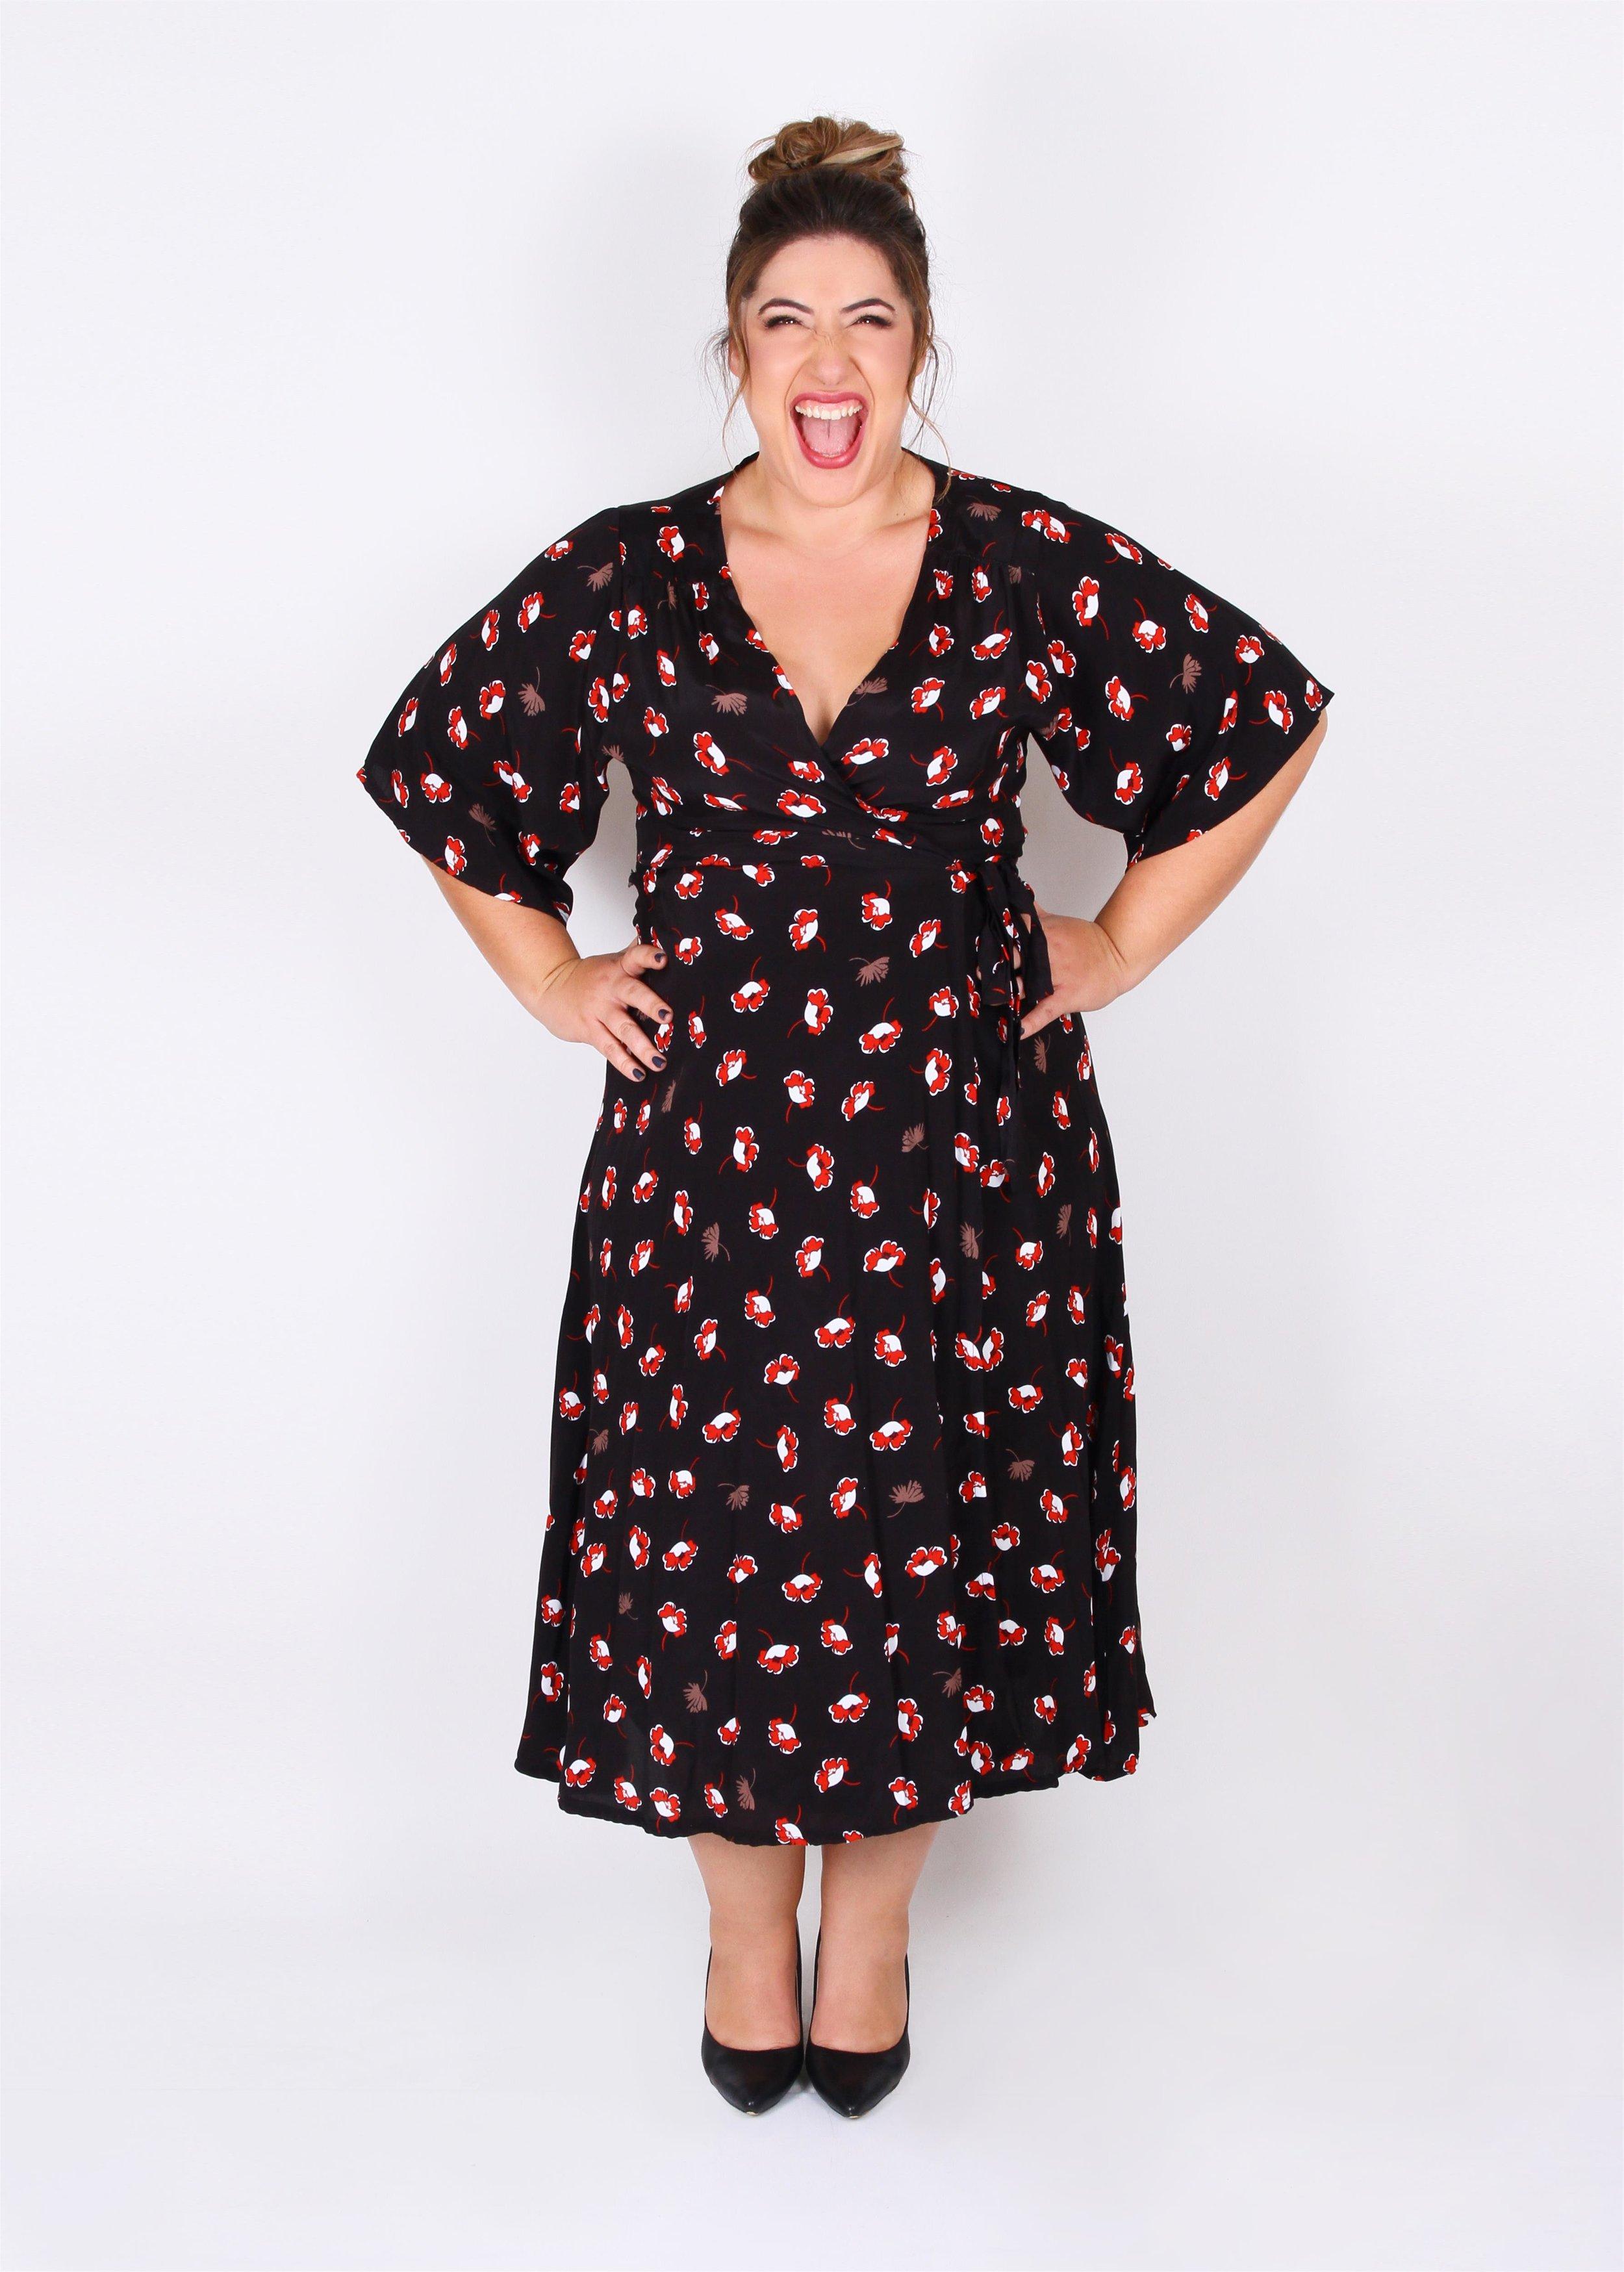 Shani Klein + Queen Size. Revital Dress 450 Ils. Photo Sally Ben-Arie (8).jpg